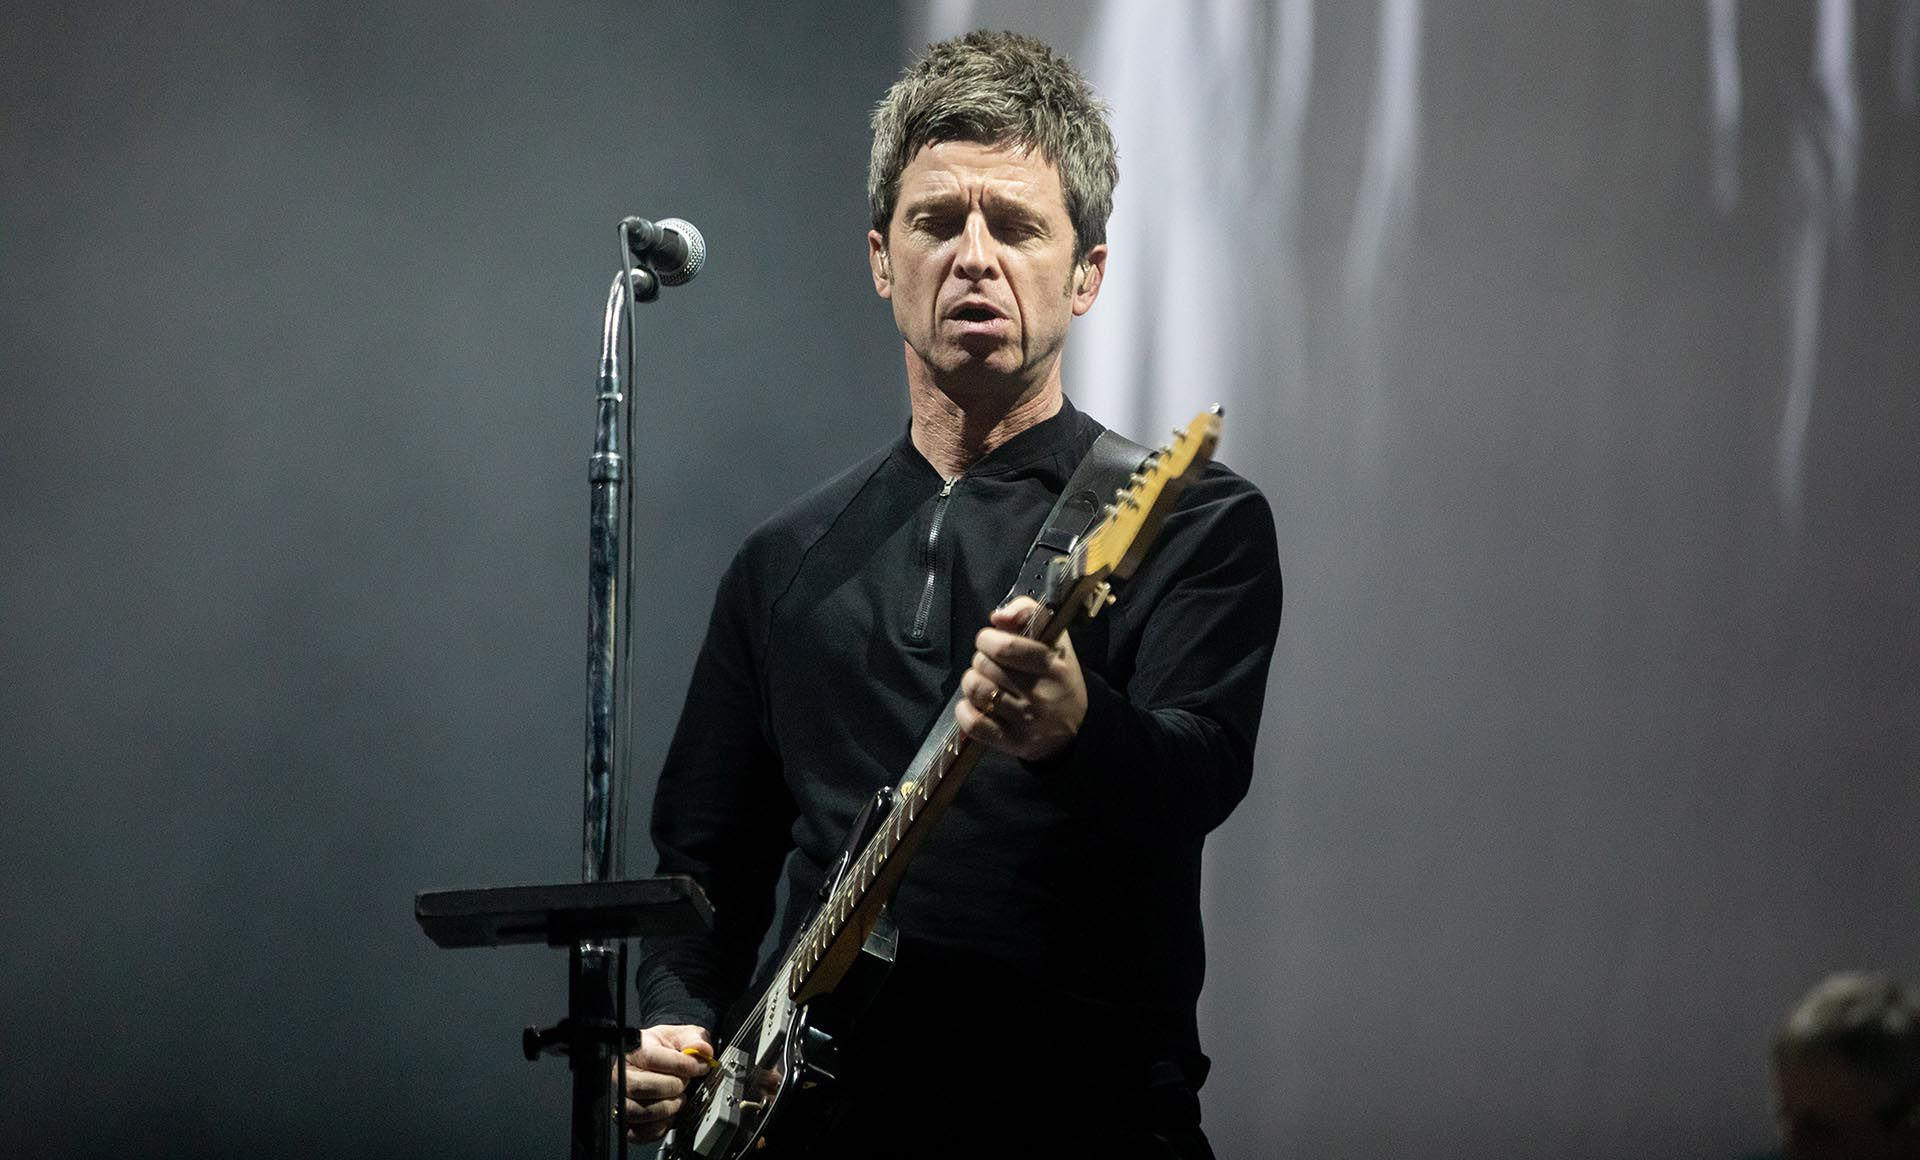 Noel Gallagher en un show en Madrid, en julio de 2019 (Foto: Shutterstock)